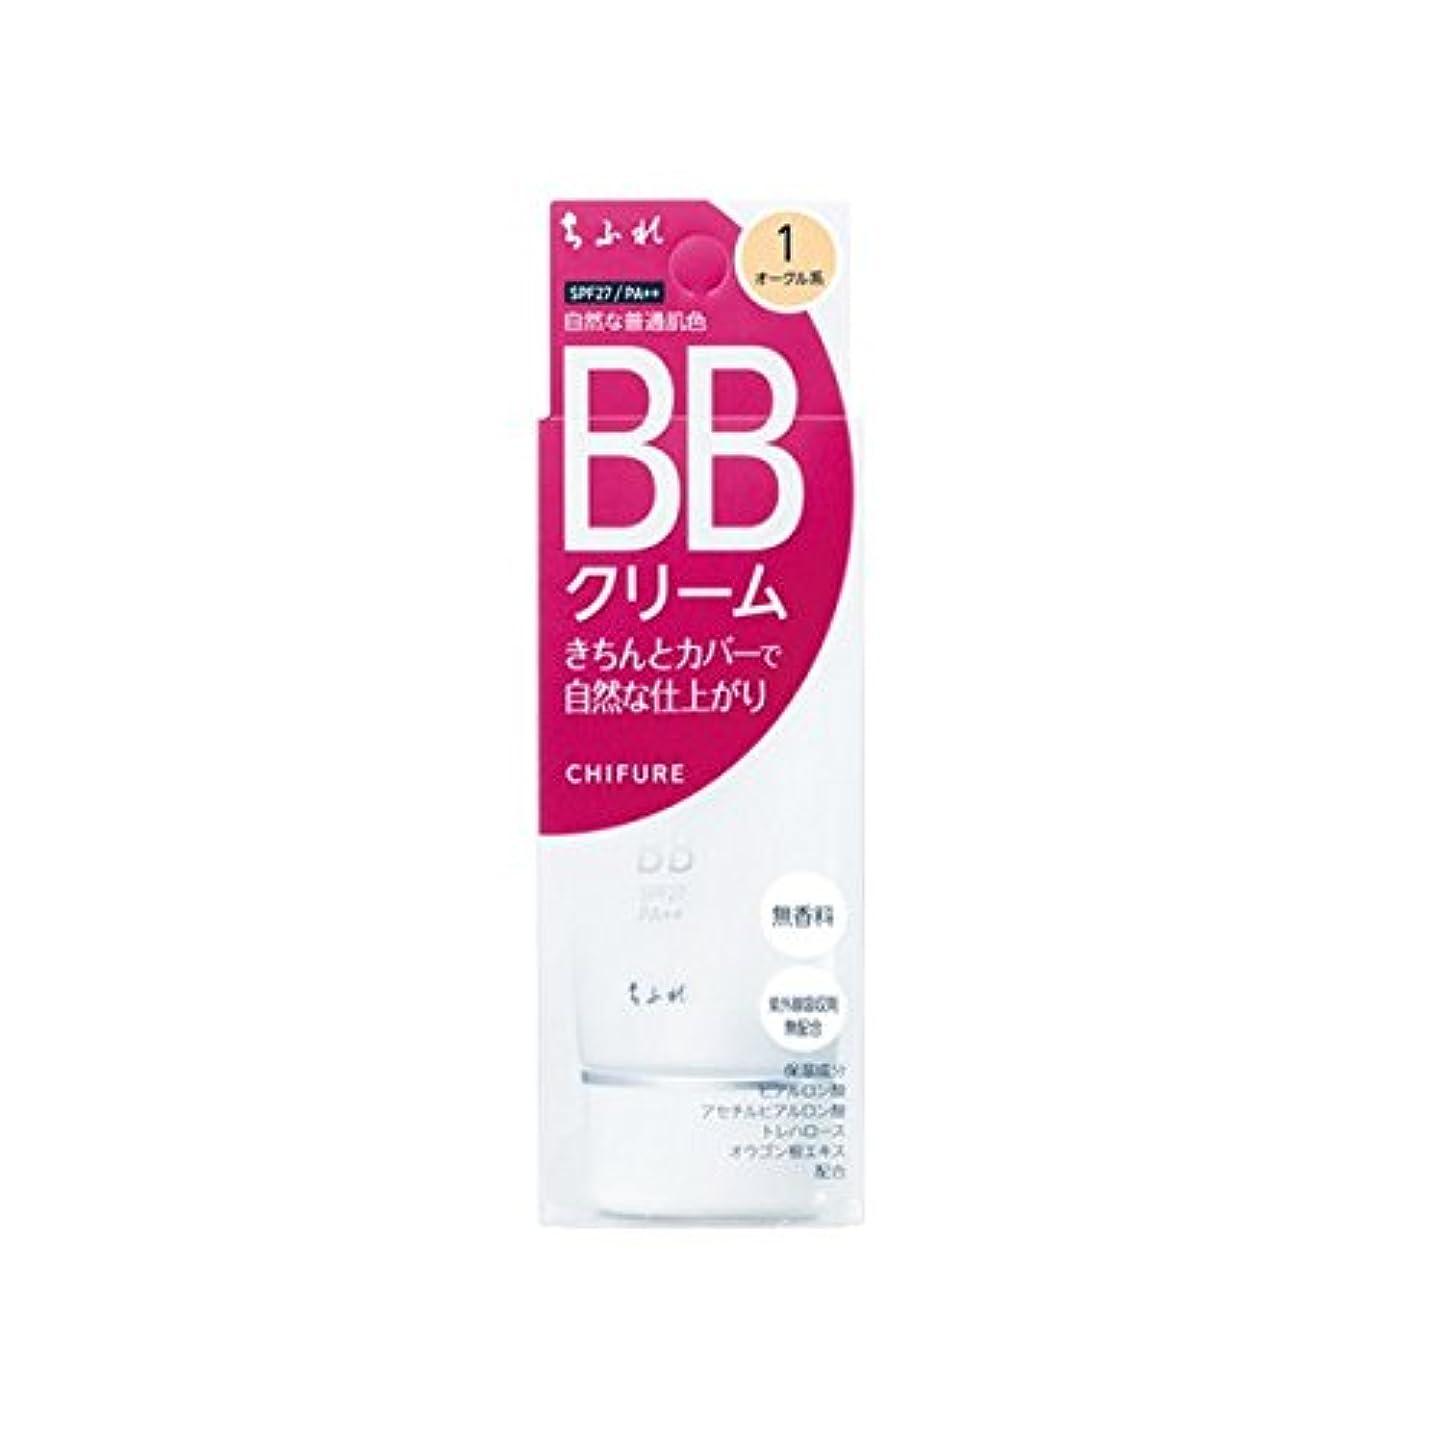 滴下出版キャリアちふれ化粧品 BB クリーム 1 自然な普通肌色 BBクリーム 1